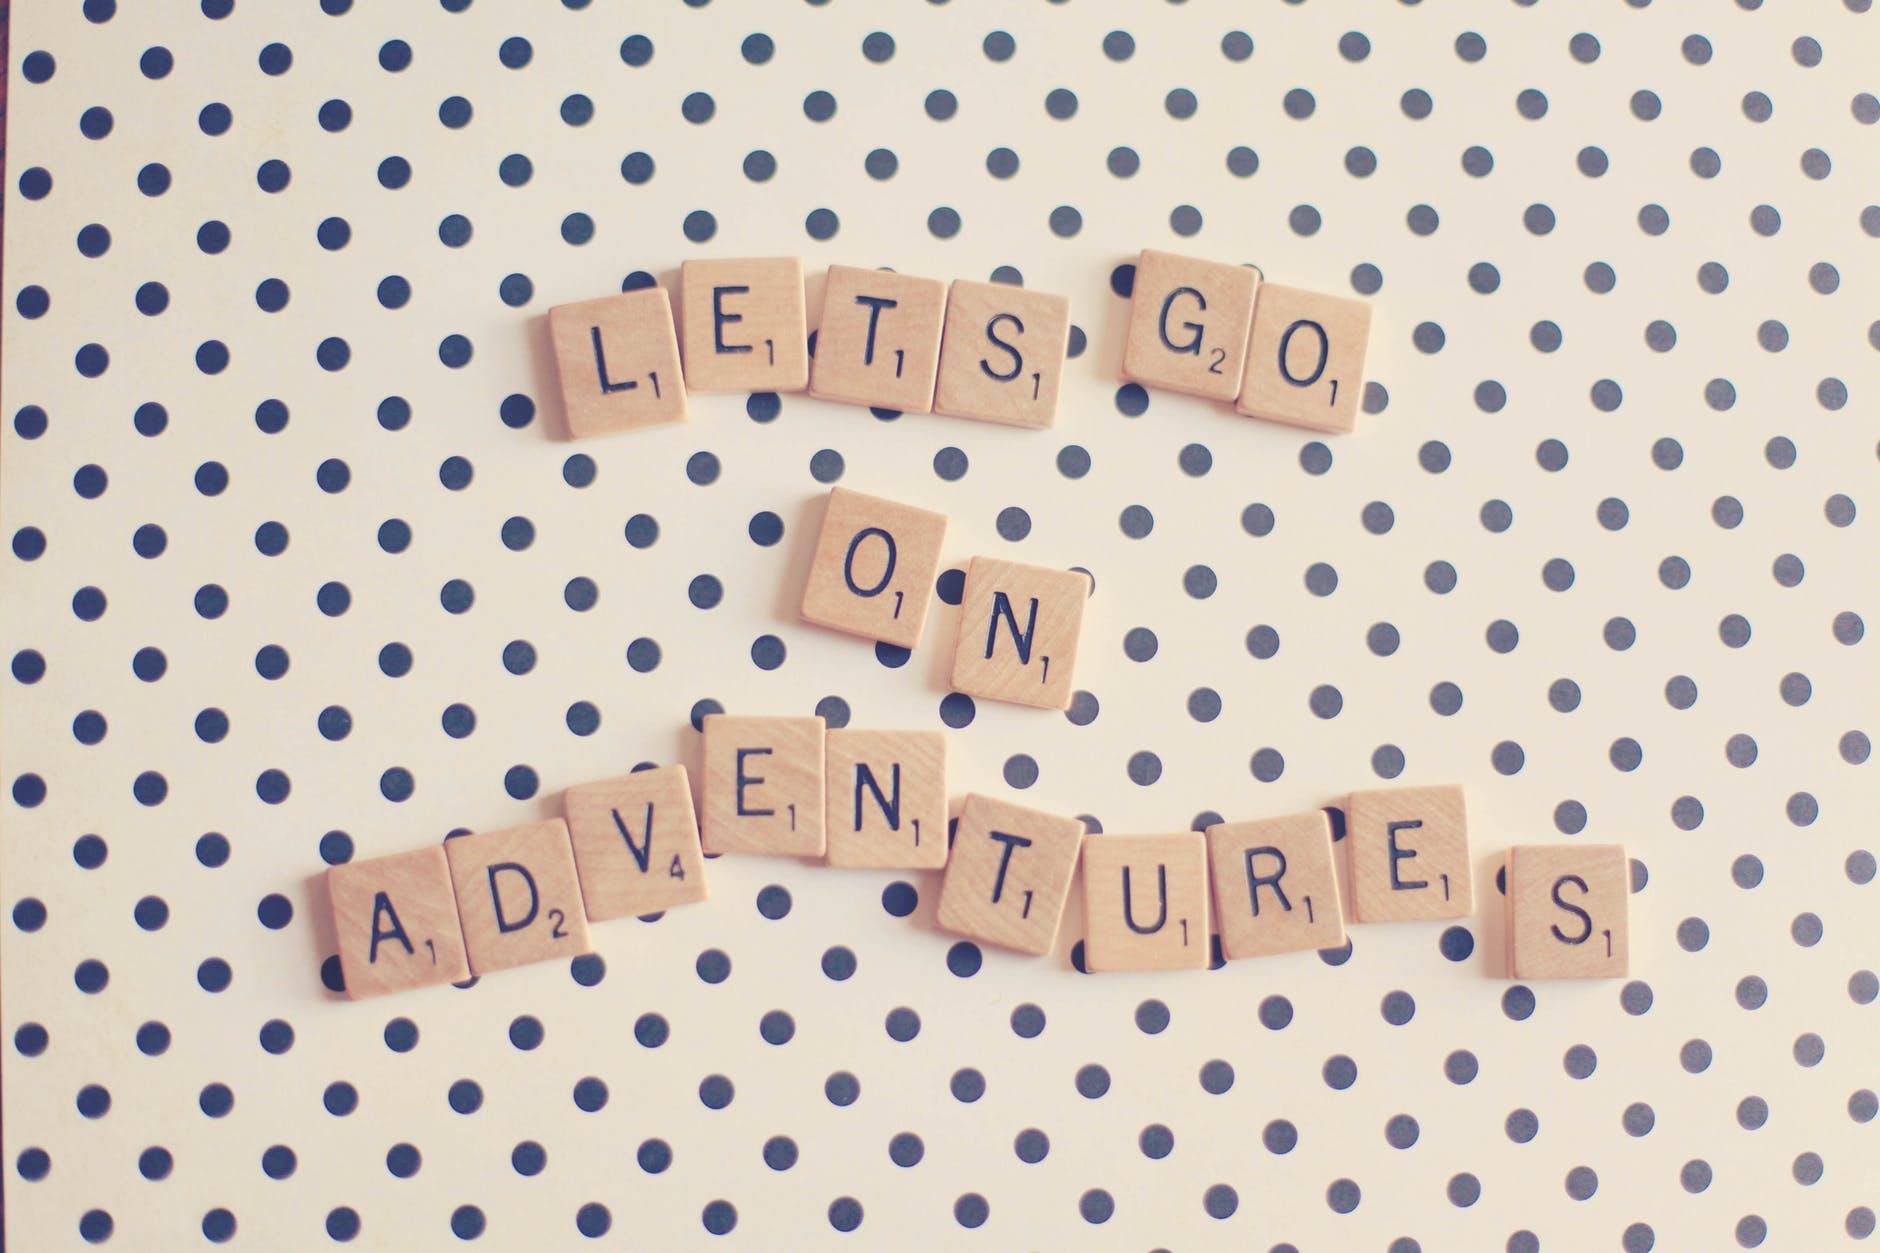 Kumpulan Kata-kata Bijak untuk Entrepreneur Agar Termotivasi